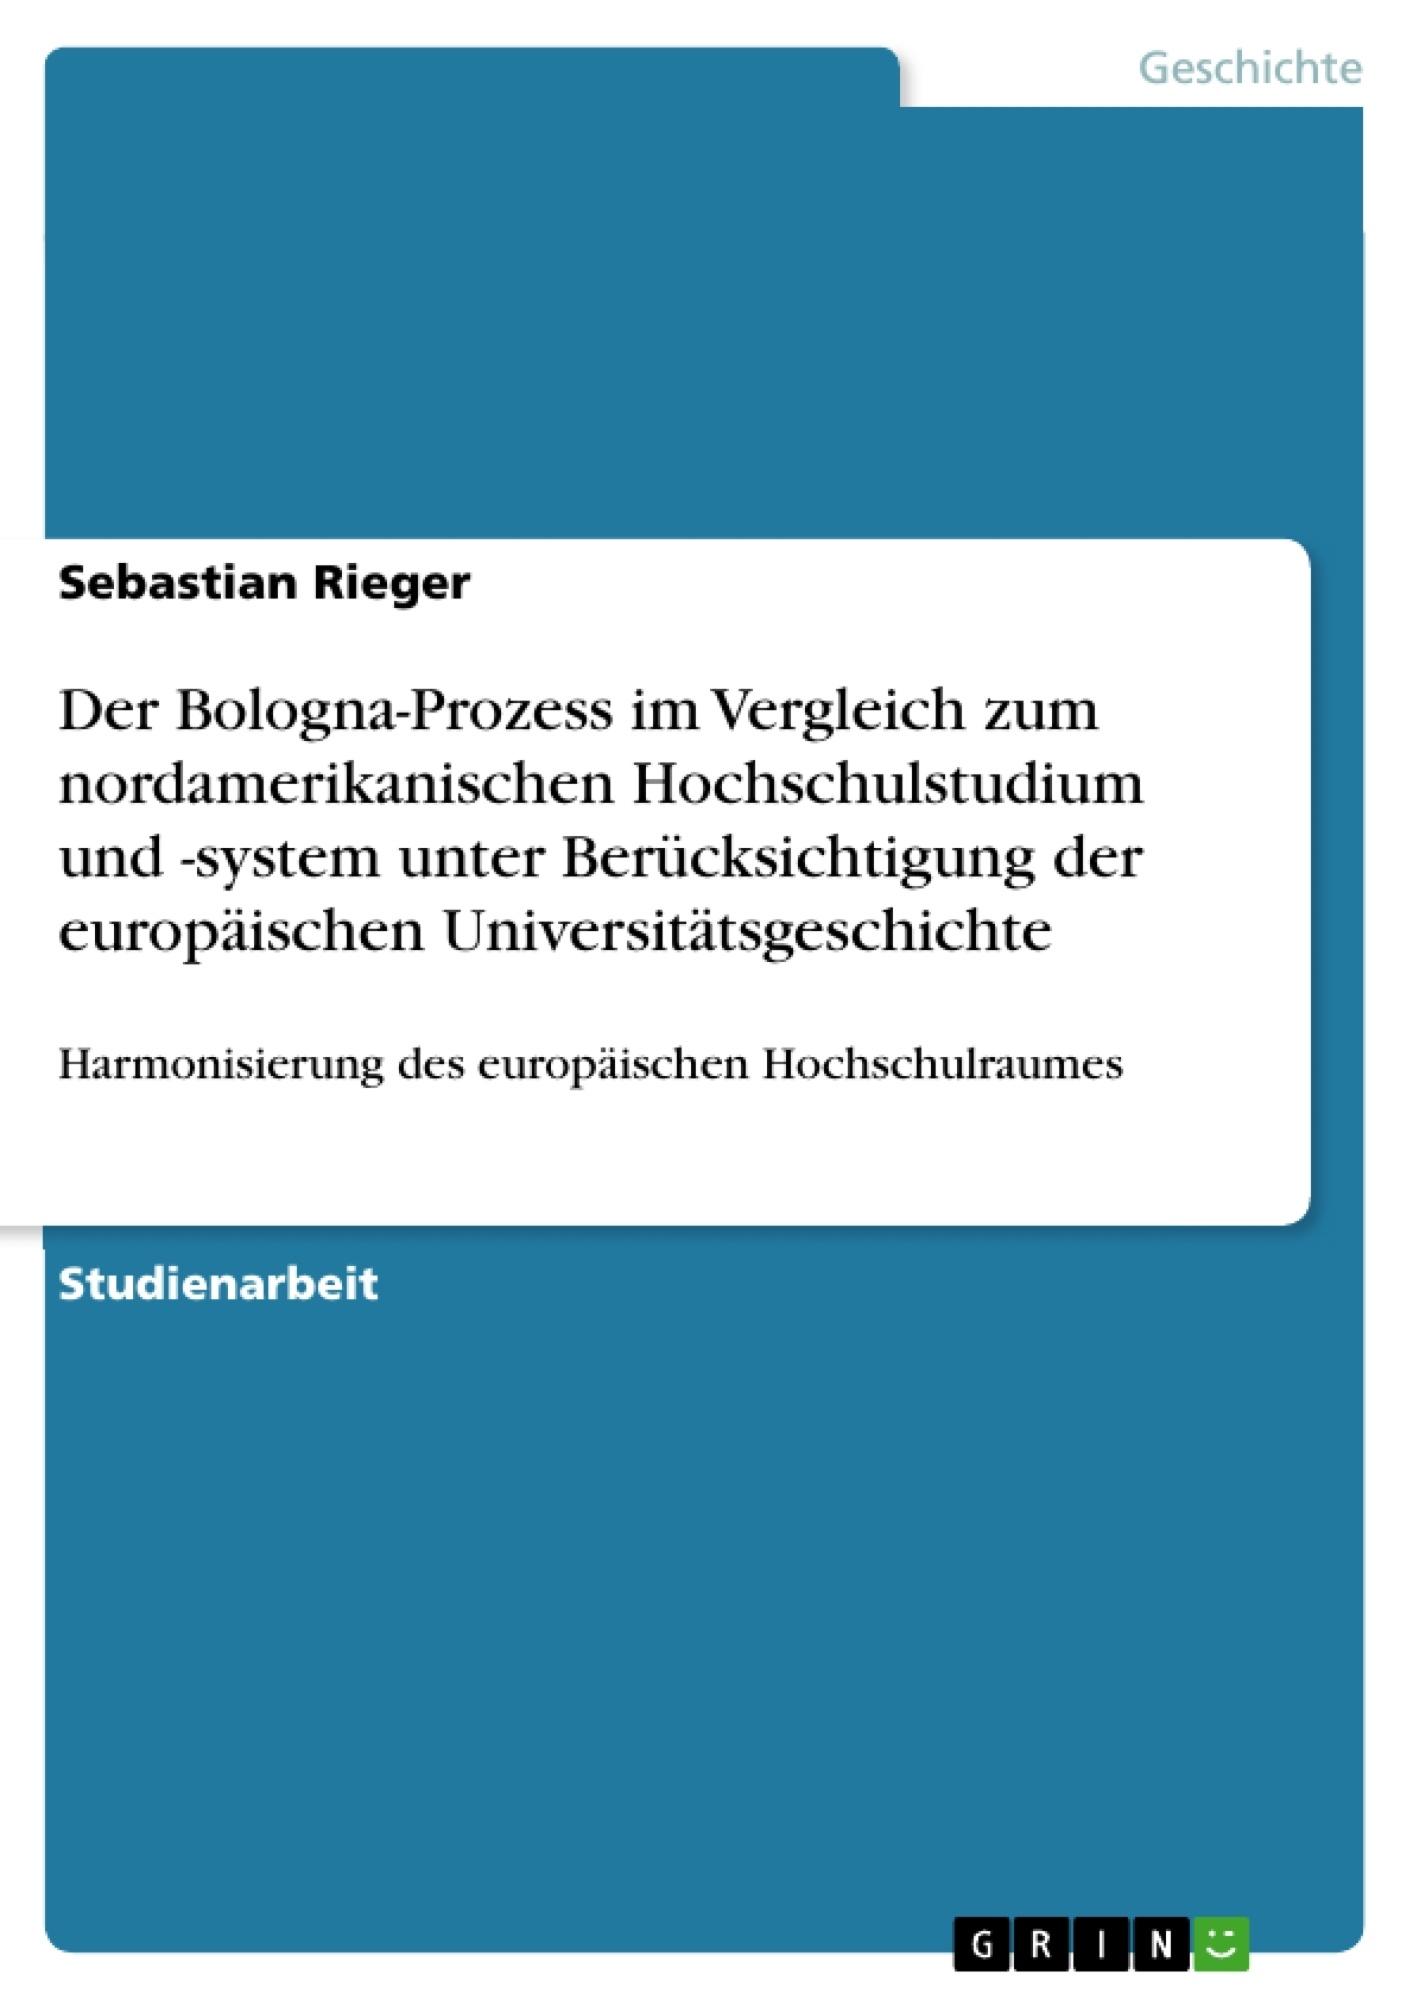 Titel: Der Bologna-Prozess im Vergleich zum nordamerikanischen Hochschulstudium und -system unter Berücksichtigung der europäischen Universitätsgeschichte